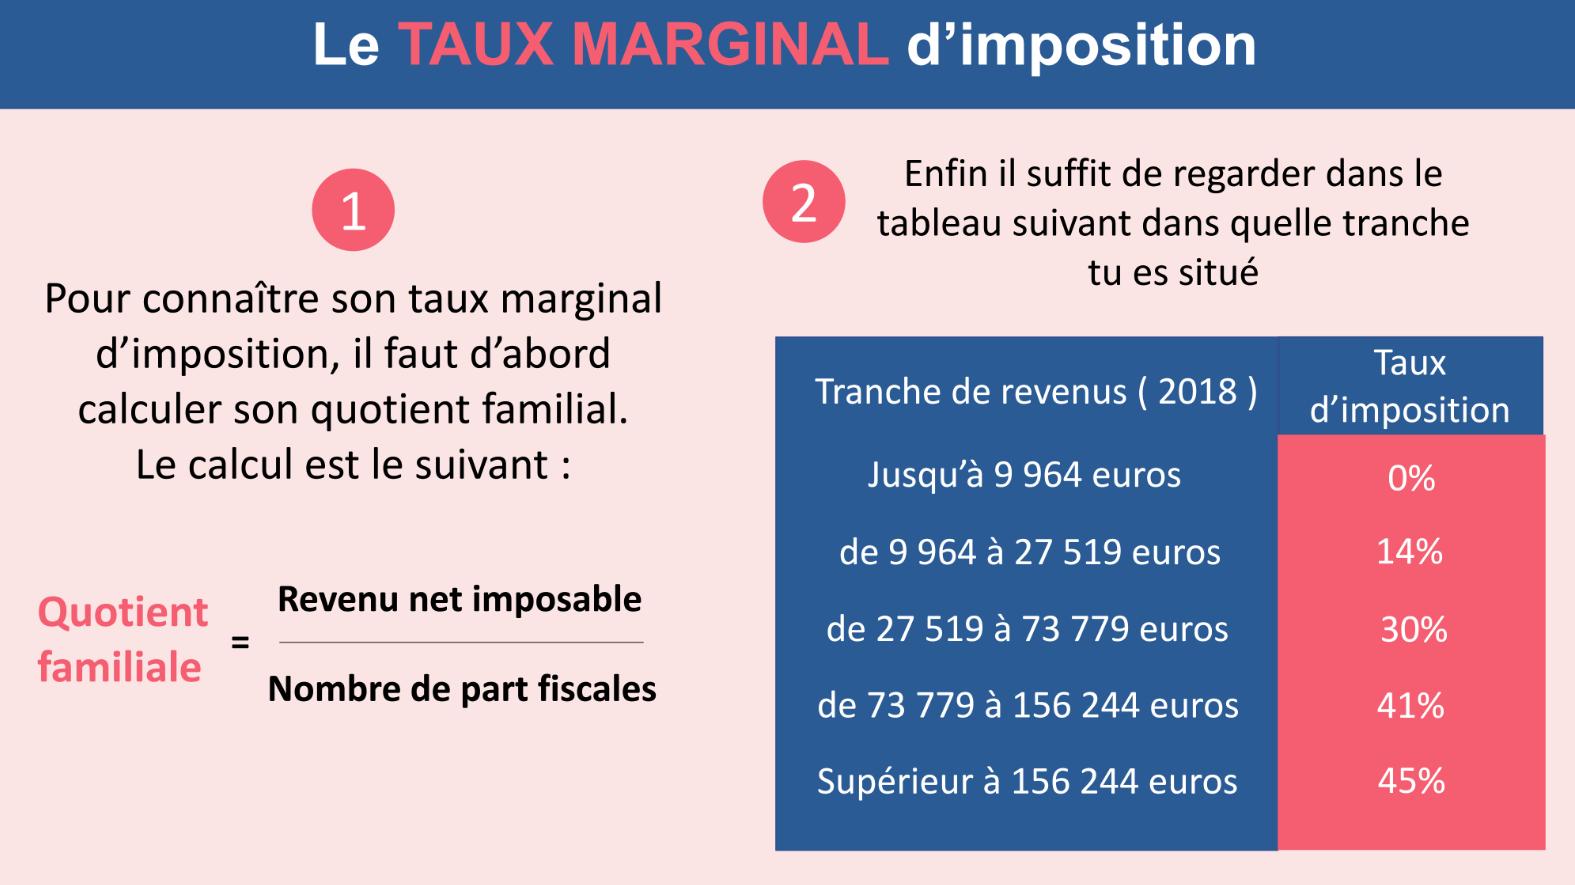 Le taux marginal d'imposition